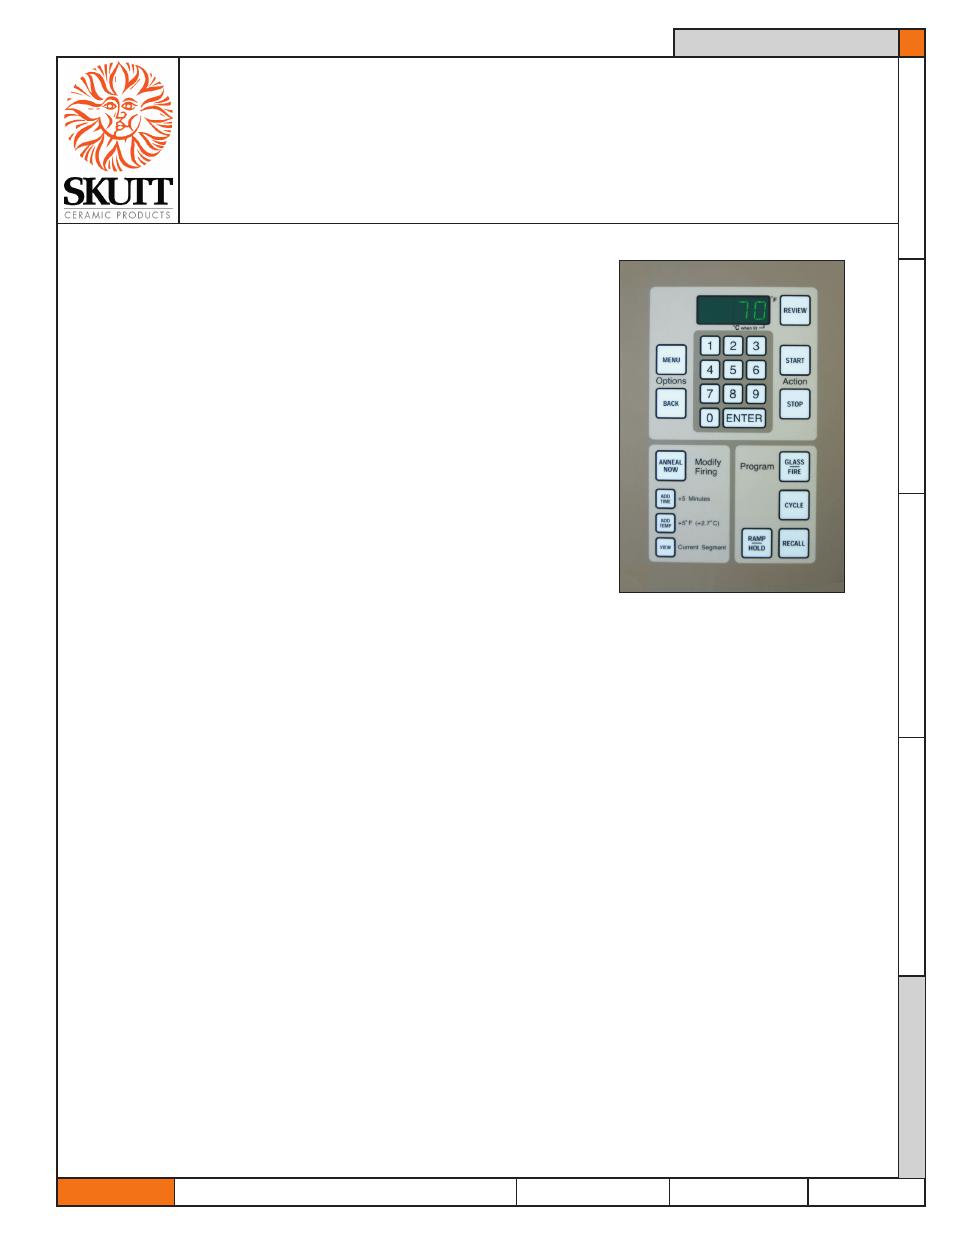 hight resolution of skutt glassmaster 700 board user manual 17 pagesglassmaster wiring diagram 9